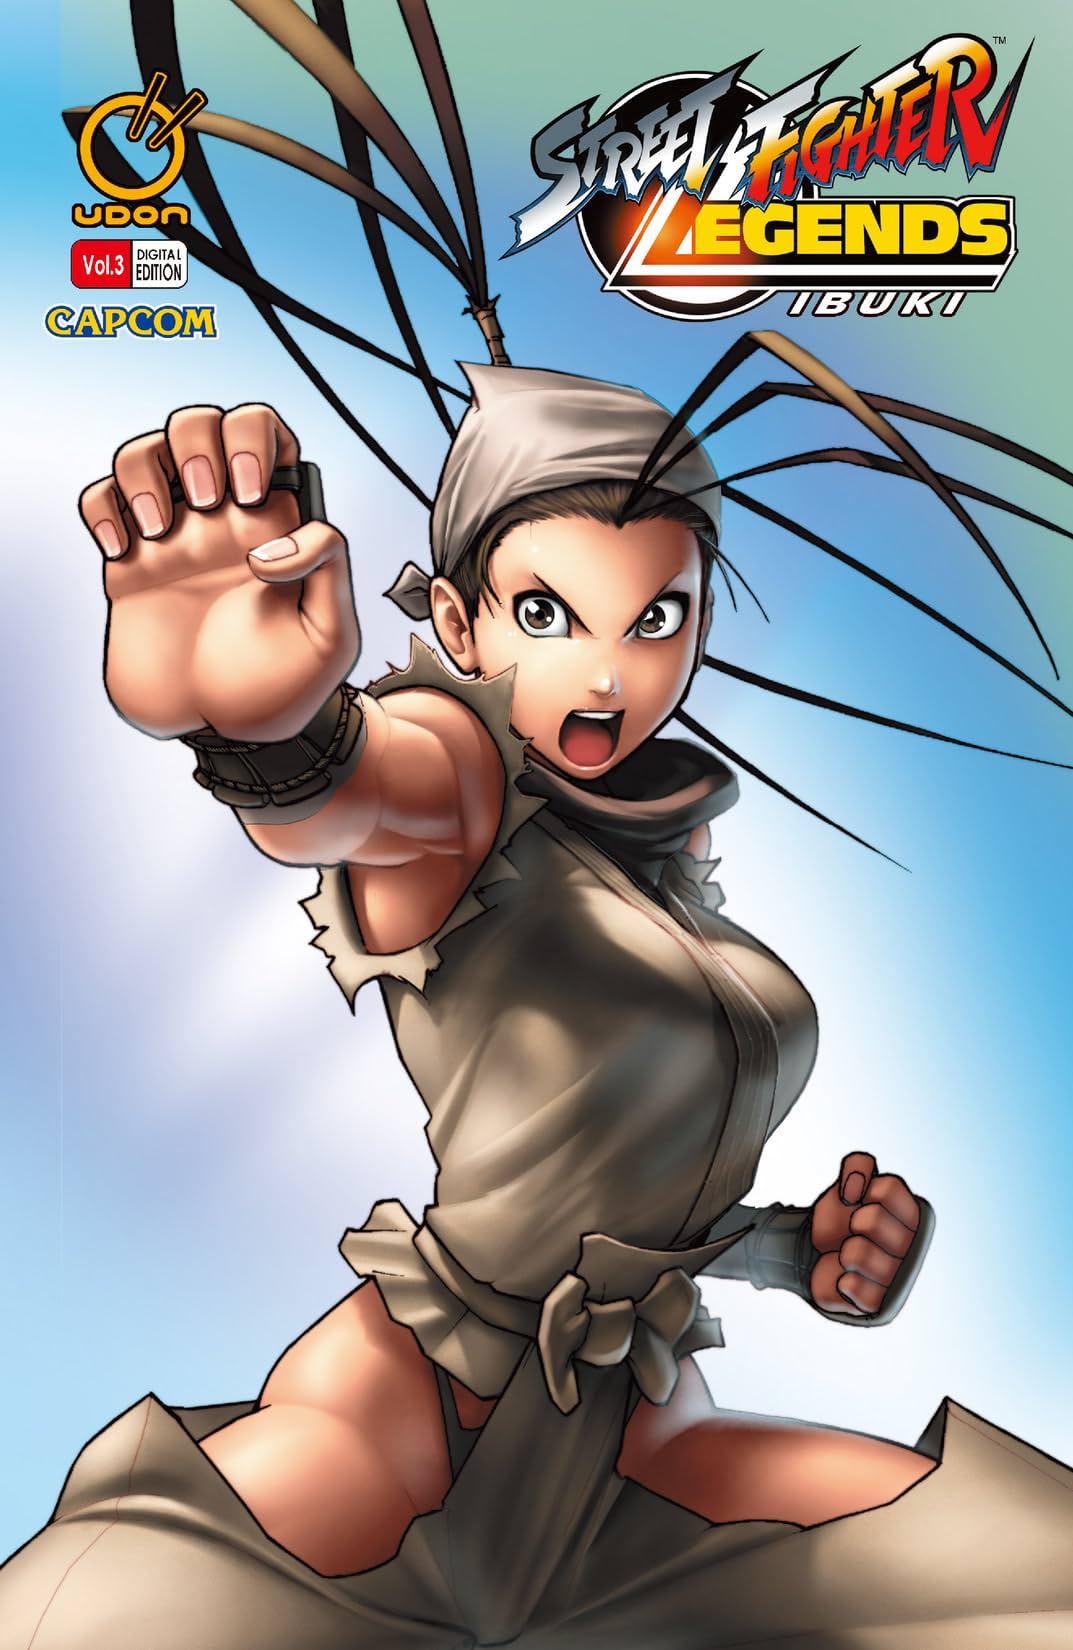 Street Fighter Legends: Ibuki Vol. 3